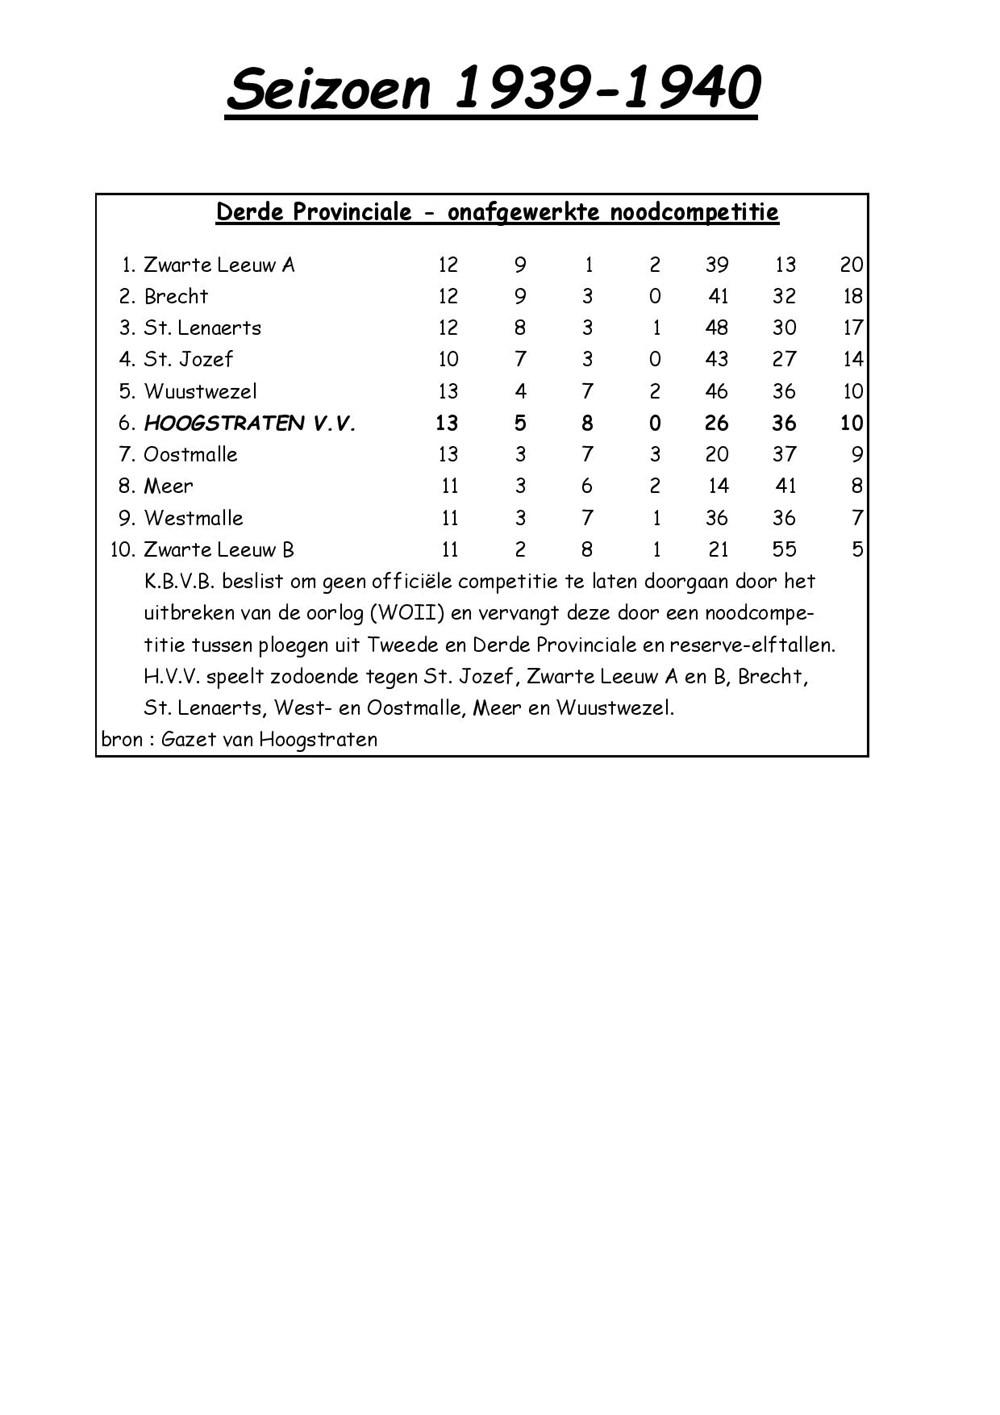 seizoen_1939-1940-page-001.jpg